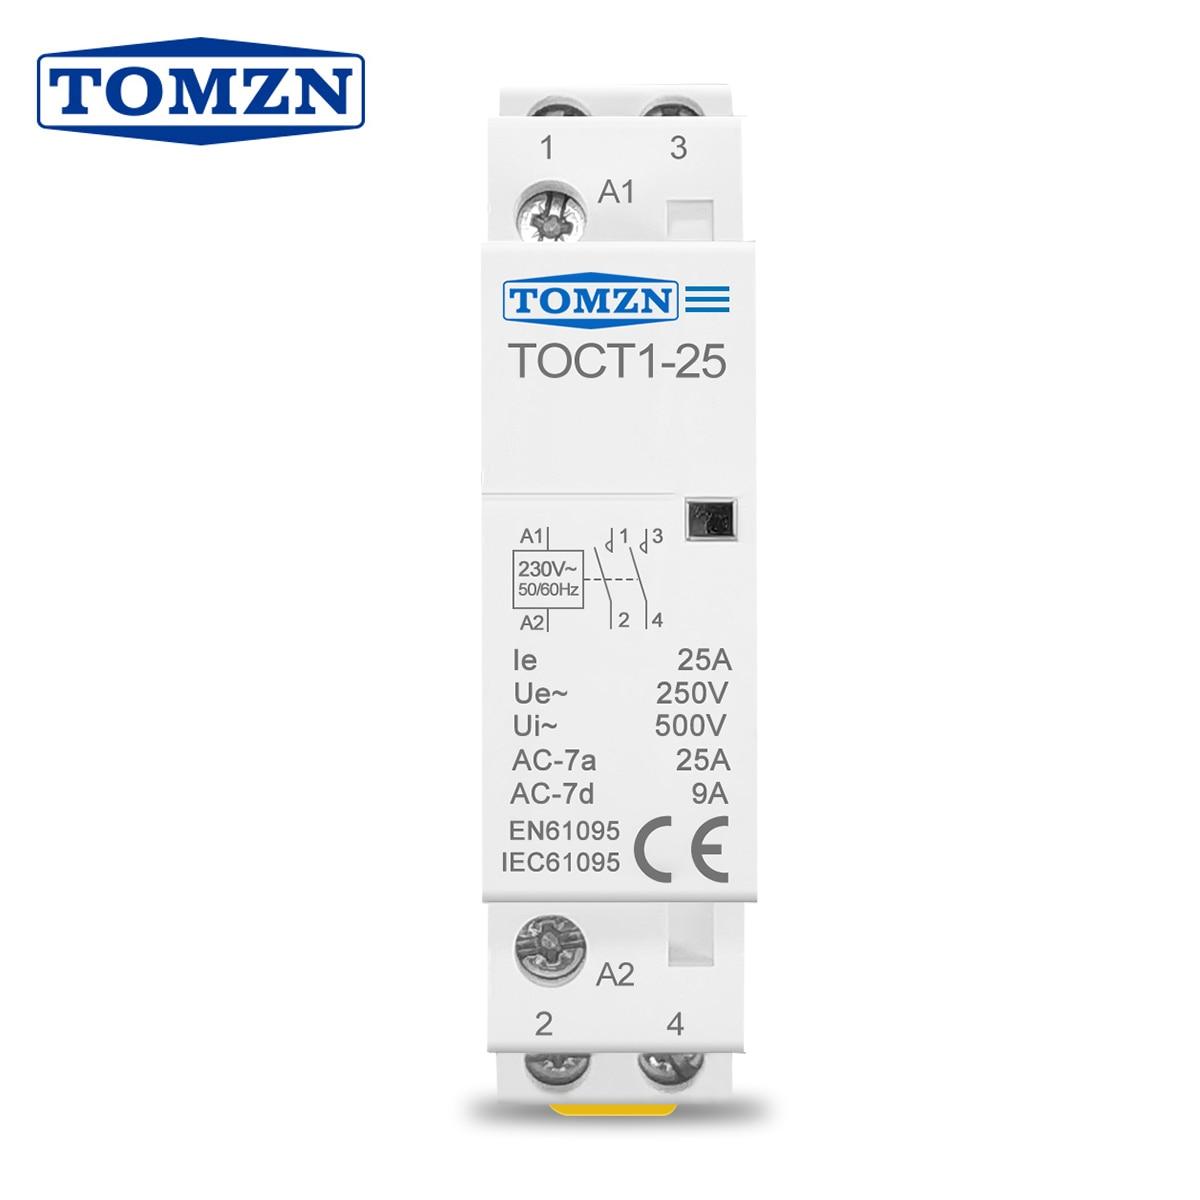 TOCT1 2P 25A 220V/230V 50/60HZ Din rail Household ac Modular contactor  2NO 2NC or 1NO 1NC